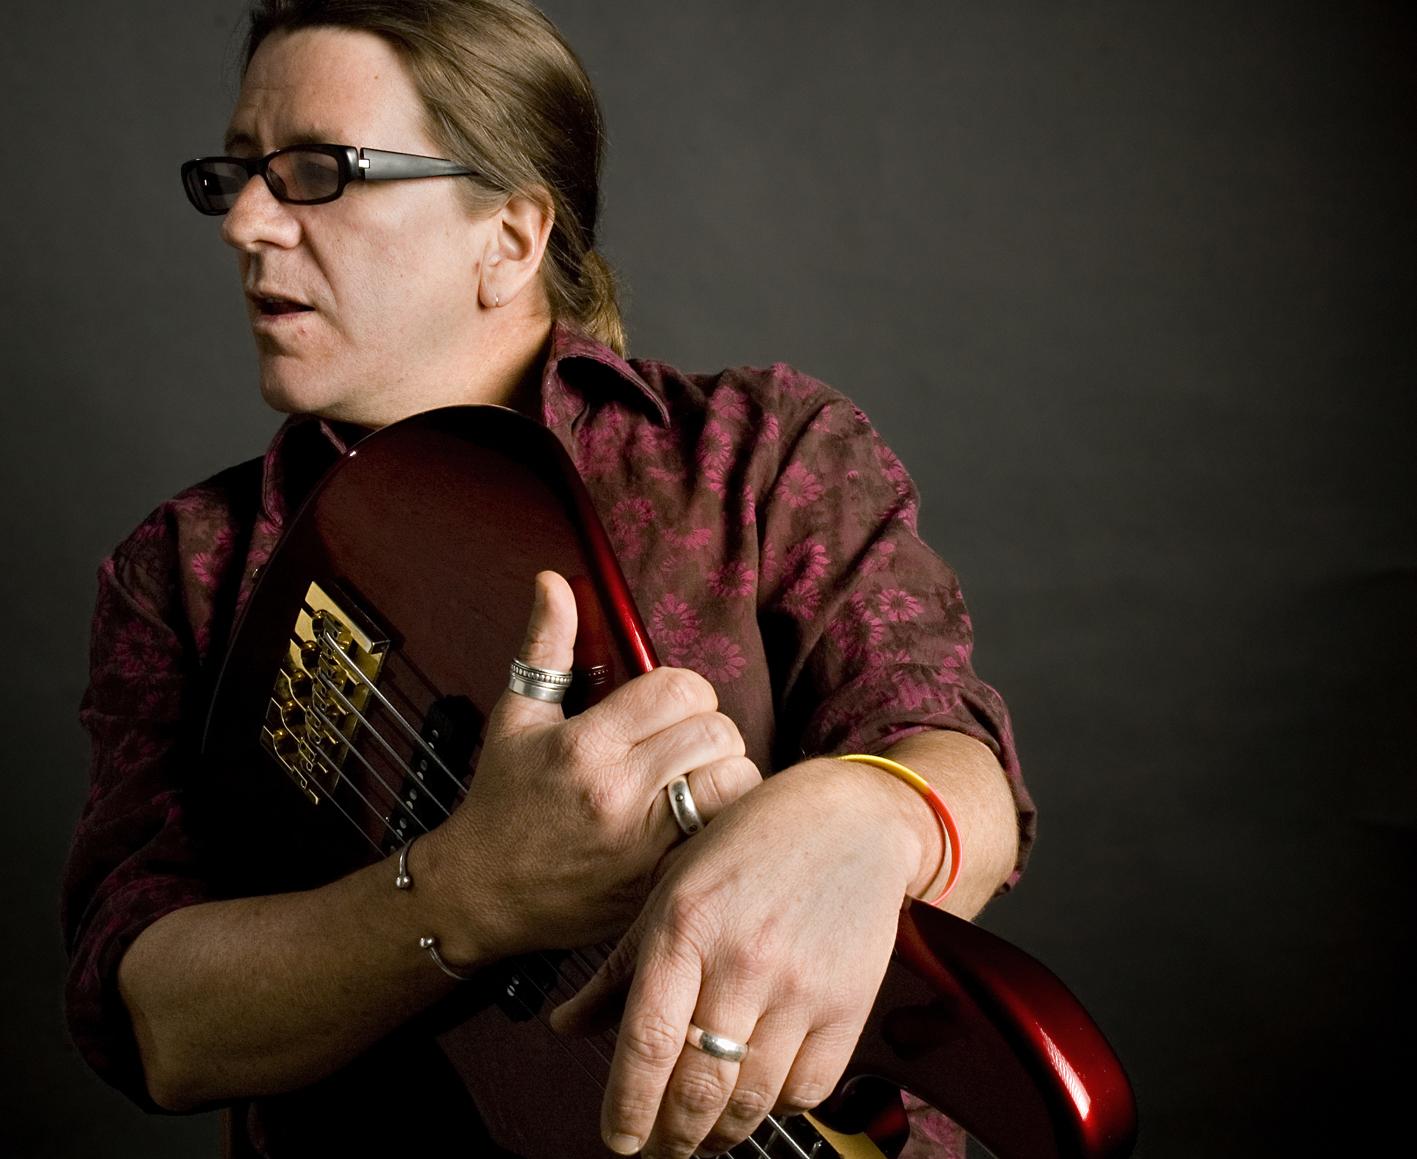 Alex Alvear - Nacido en Quito, Ecuador, Alex Alvear es un compositor, arreglista, bajista y cantante con una carrera musical de más de 26 años. Durante su temprana carrera musical en Ecuador, Alvear fue co-fundador y co-director de las agrupaciones Promesas Temporales y Rumbasón, con las cuales forjaron un hito en el desarrollo de la nueva música ecuatoriana. En 1986 viaja a Boston (USA) para realizar estudios en Berklee College of Music en la especialización de Composición y Arreglos de Jazz.A fines de los años 80 forma parte como co-fundador y director de la agrupación Aché, pionera de la música afrocubana en Massachussets con la cual recibió varias nominaciones para el Boston Music Awards